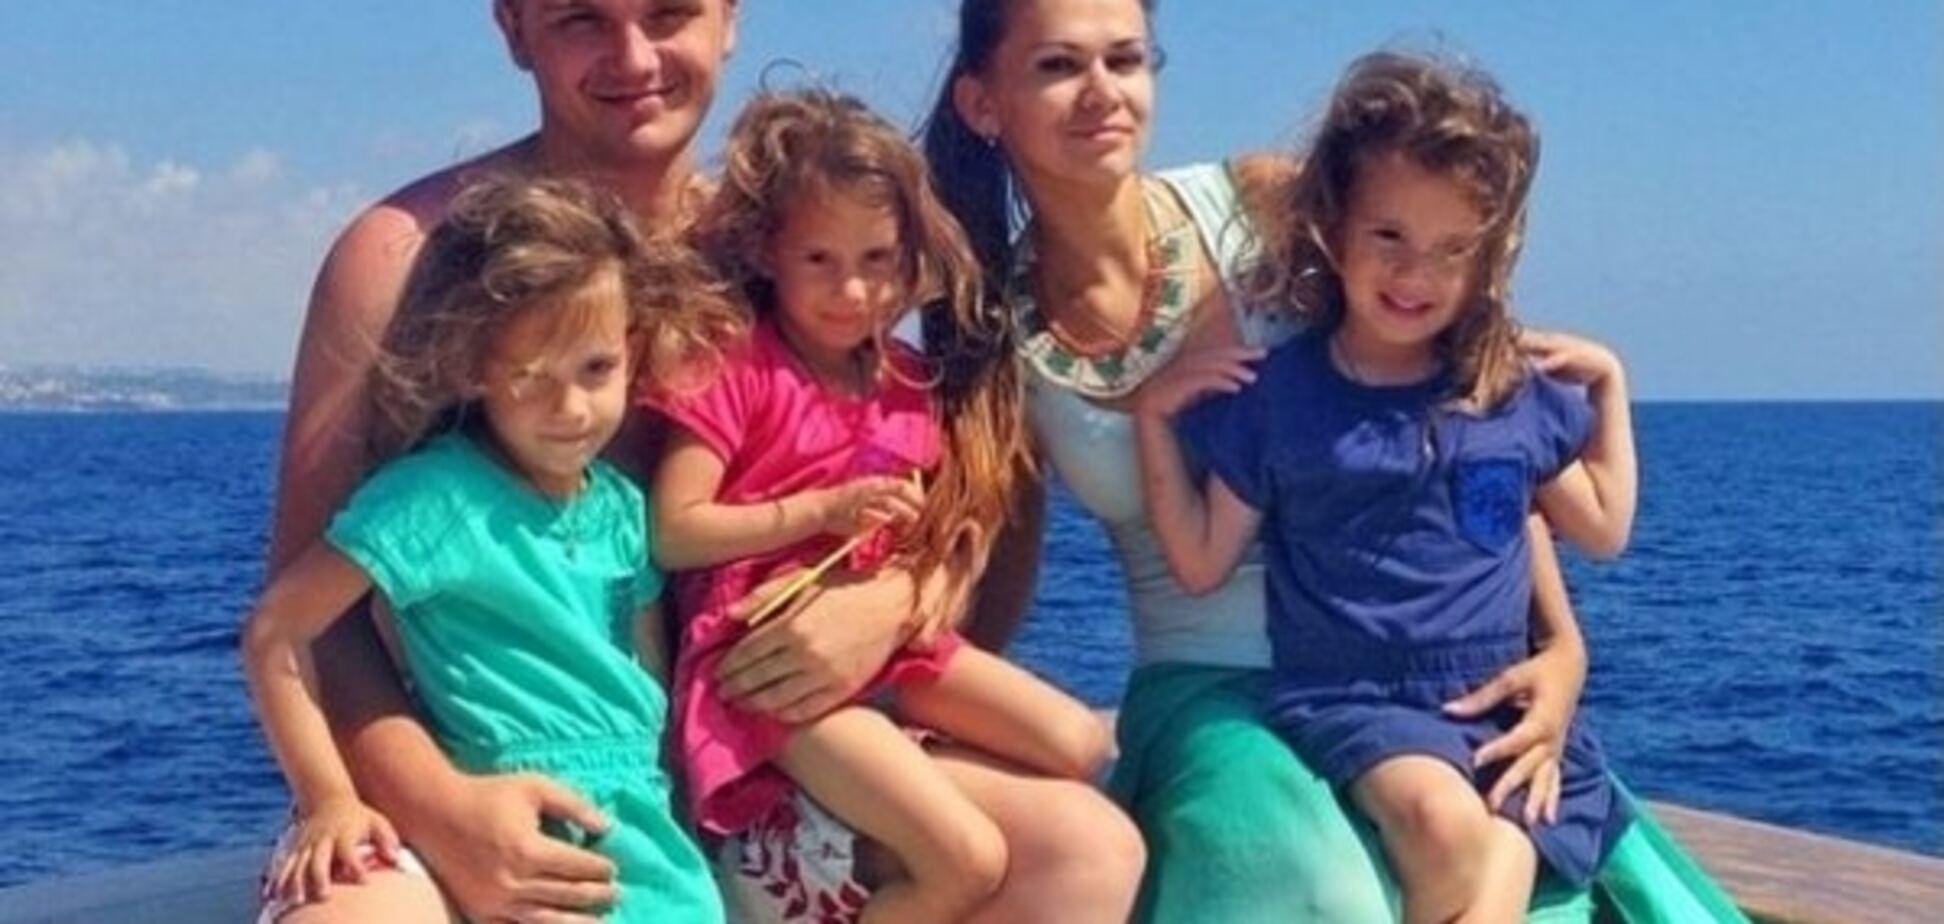 Сложности эмиграции: как украинец с женой и дочками-тройняшками бросил все и переехал на Кипр